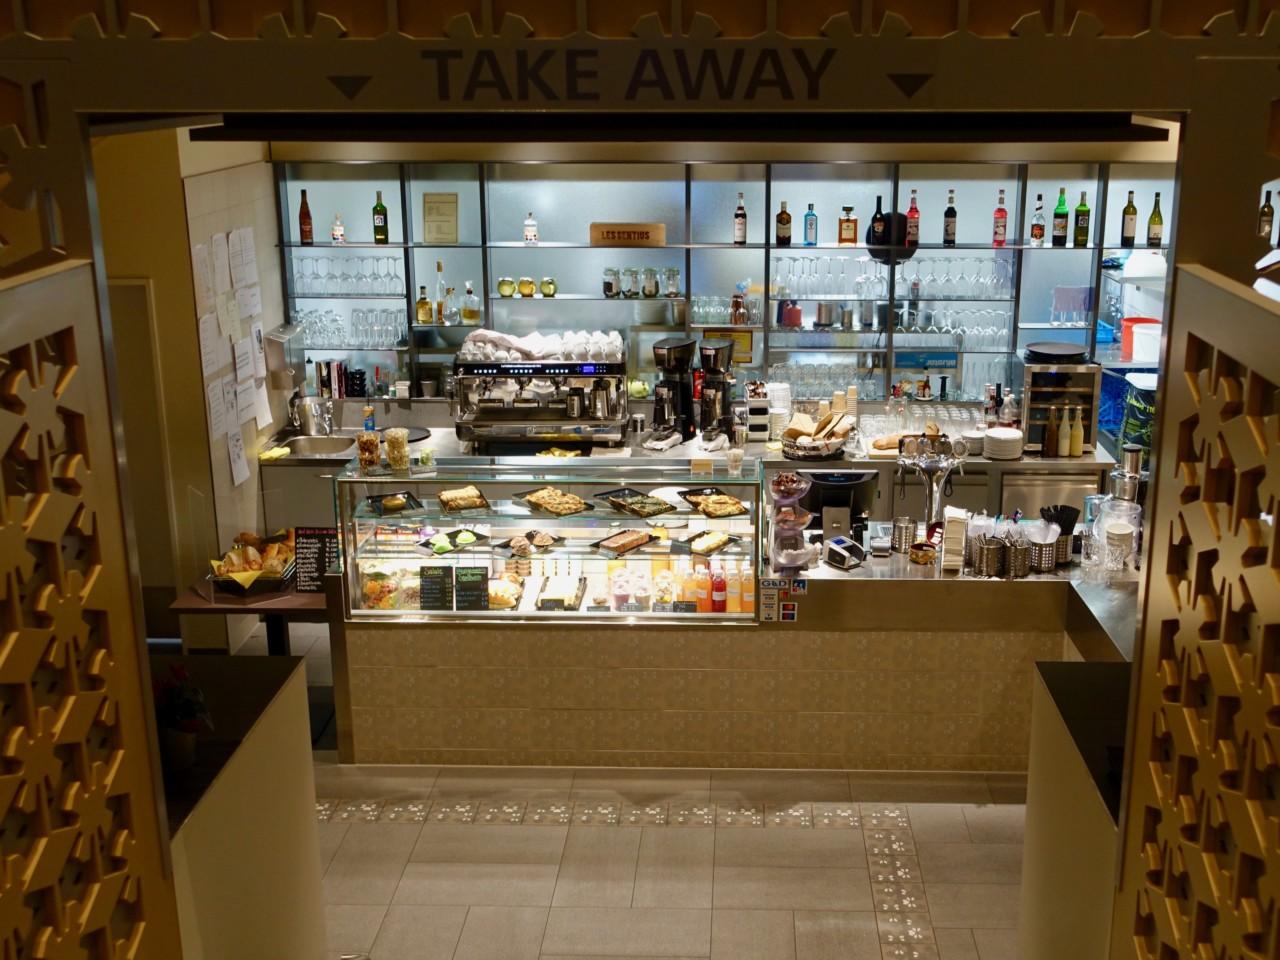 Die Küche und grosszügige Take-away Theke befinden sich im Untergeschoss. Foto: Lunchgate/Anna